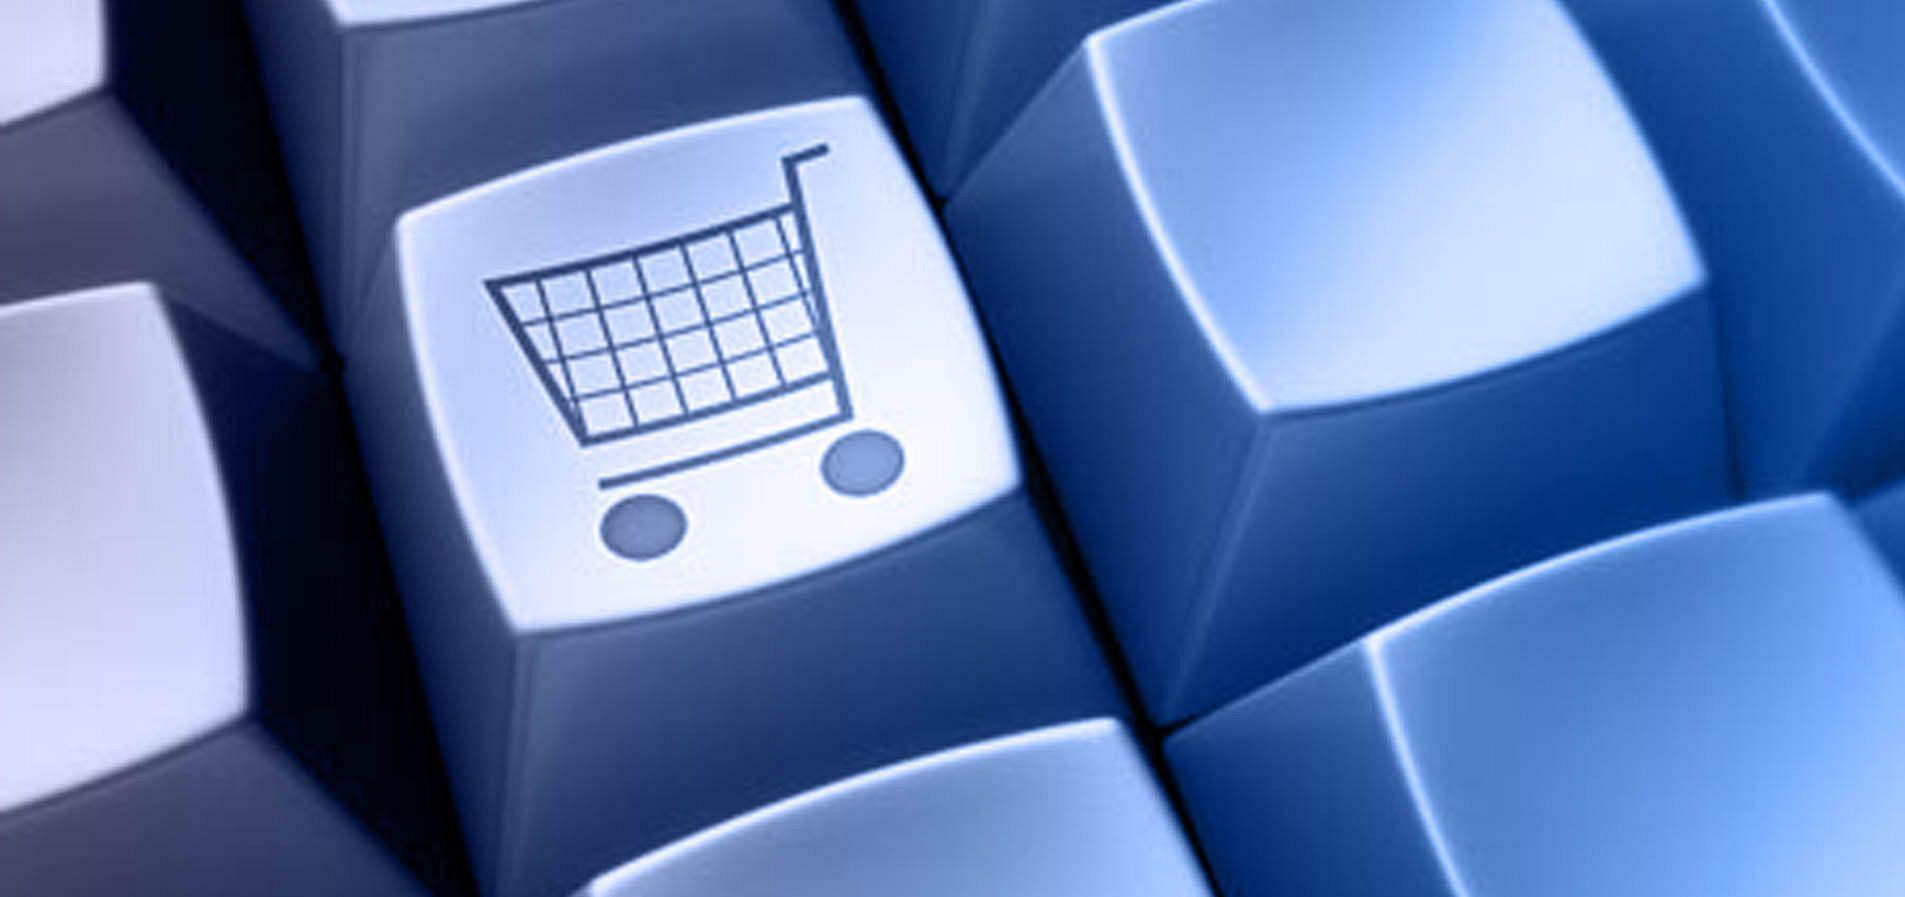 știri despre comerțul pe internet